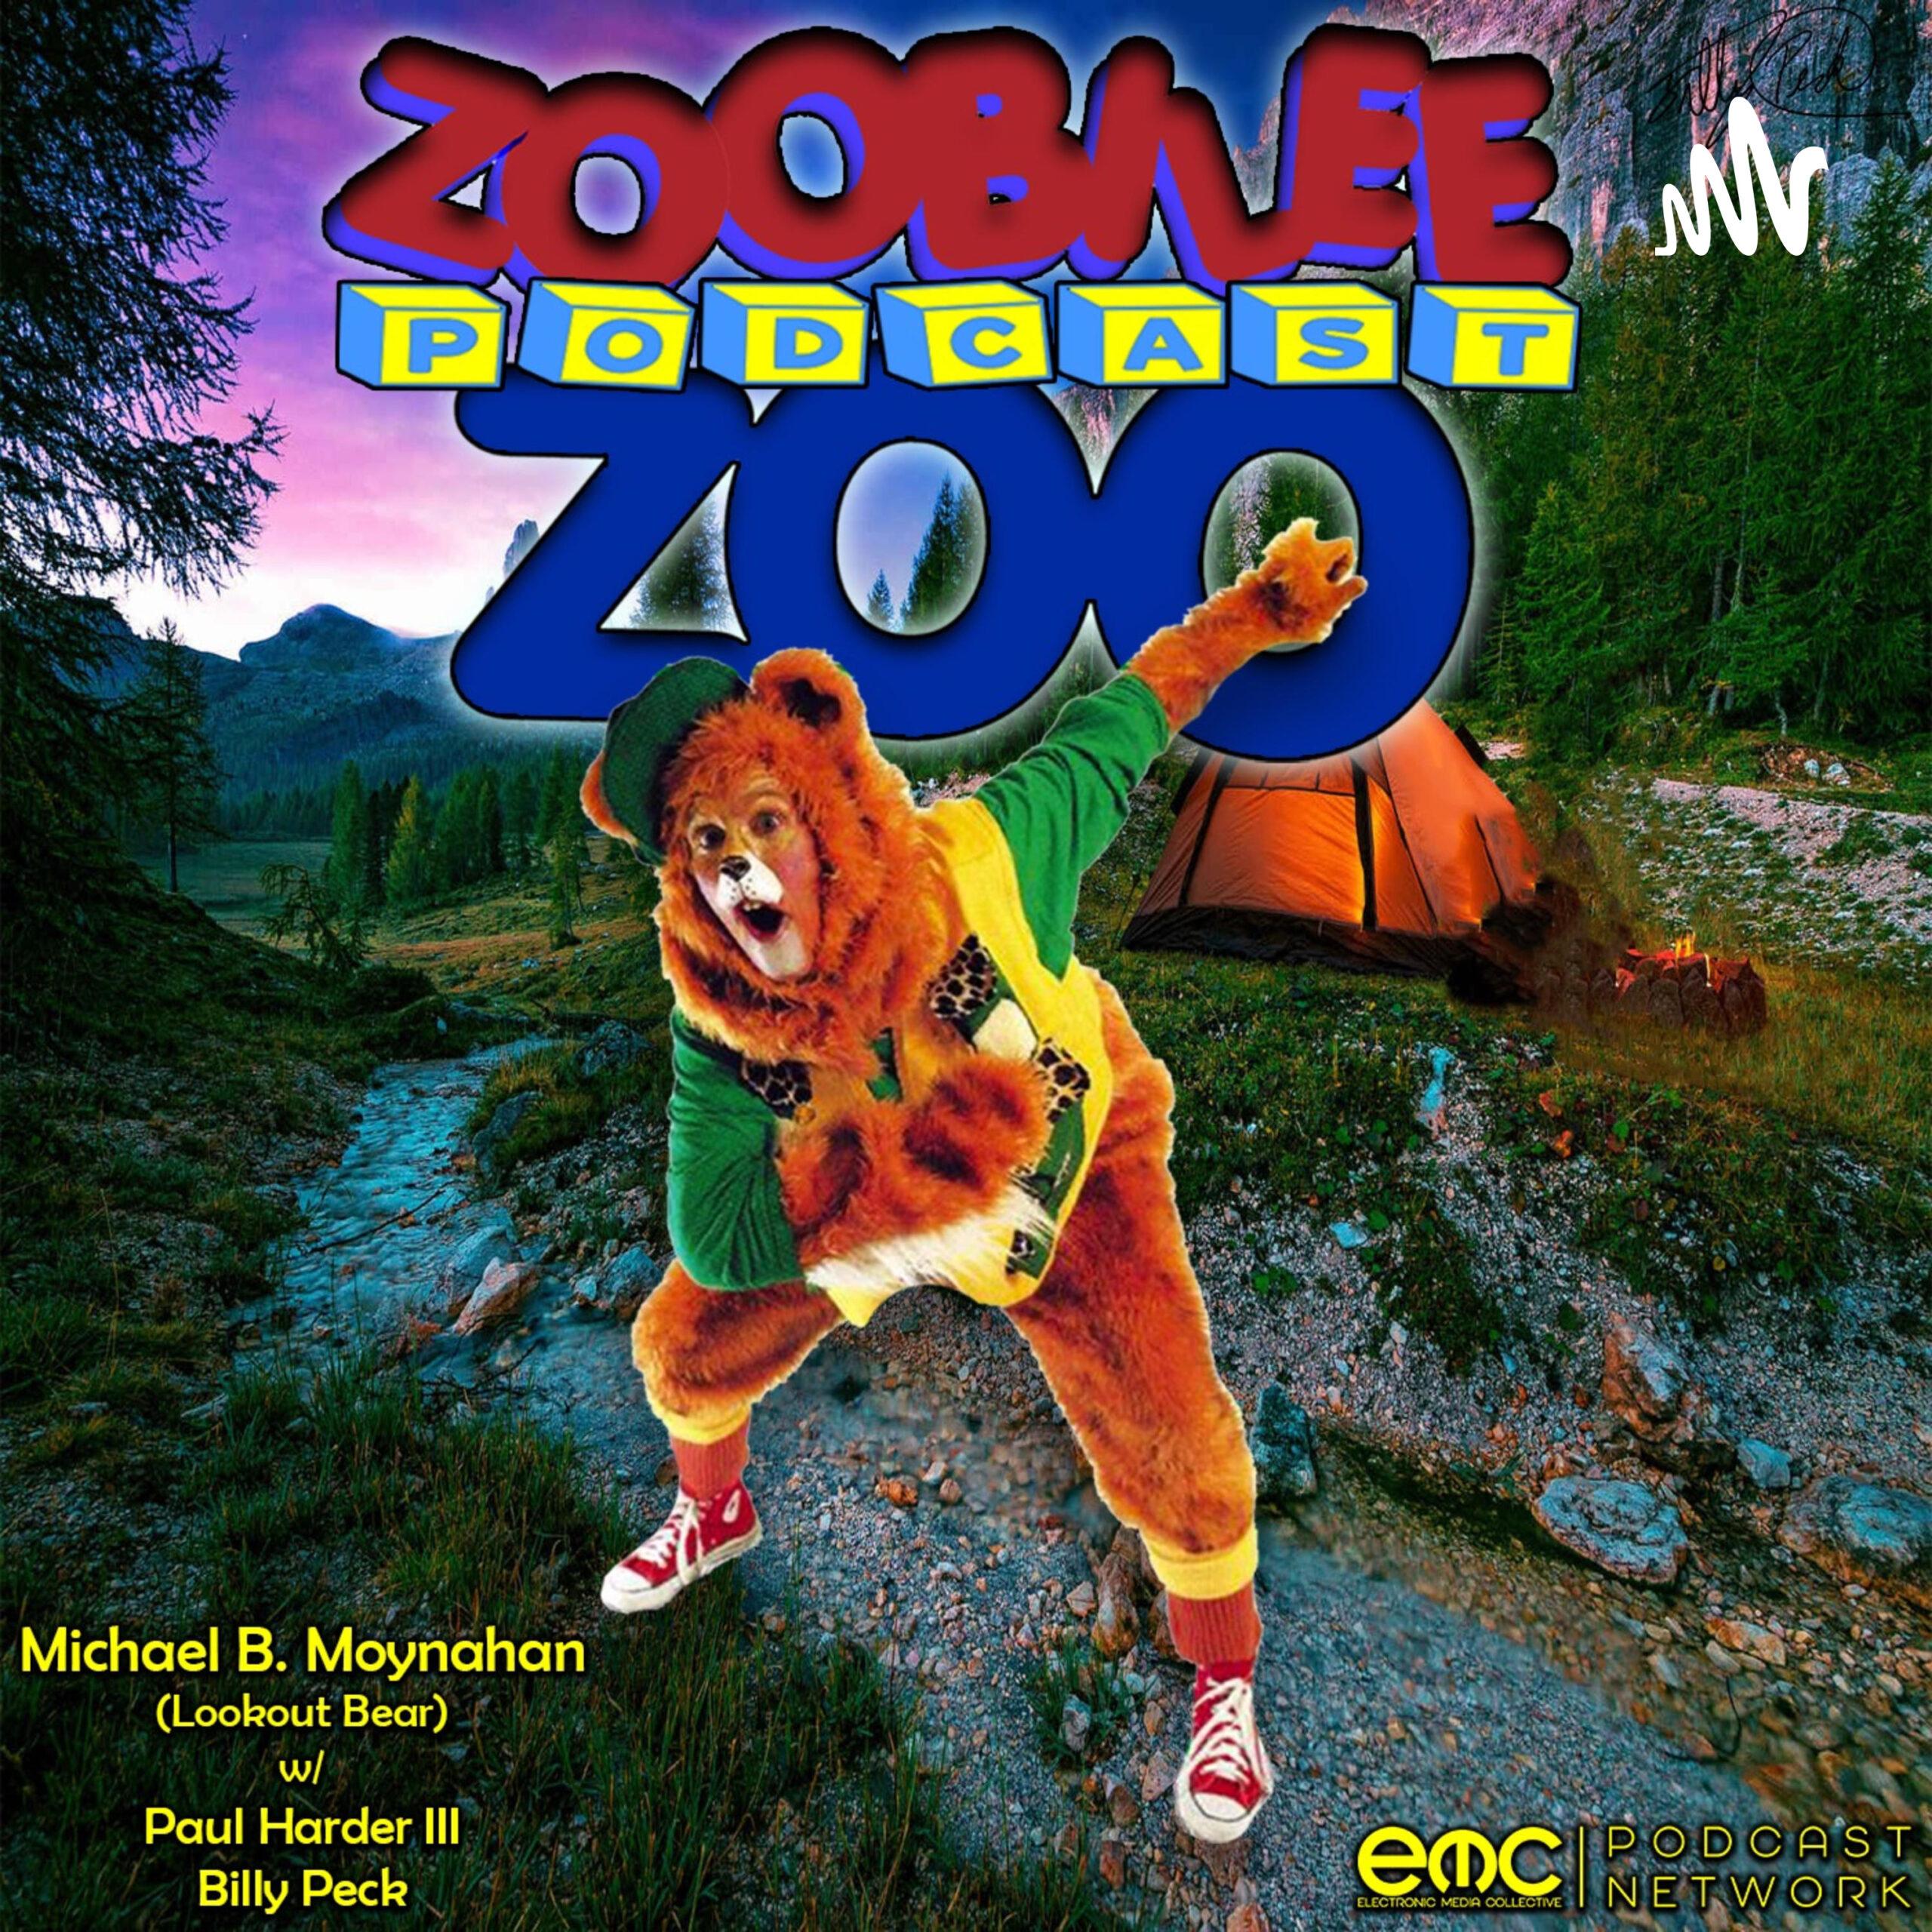 Zoobilee Zoo Podcast